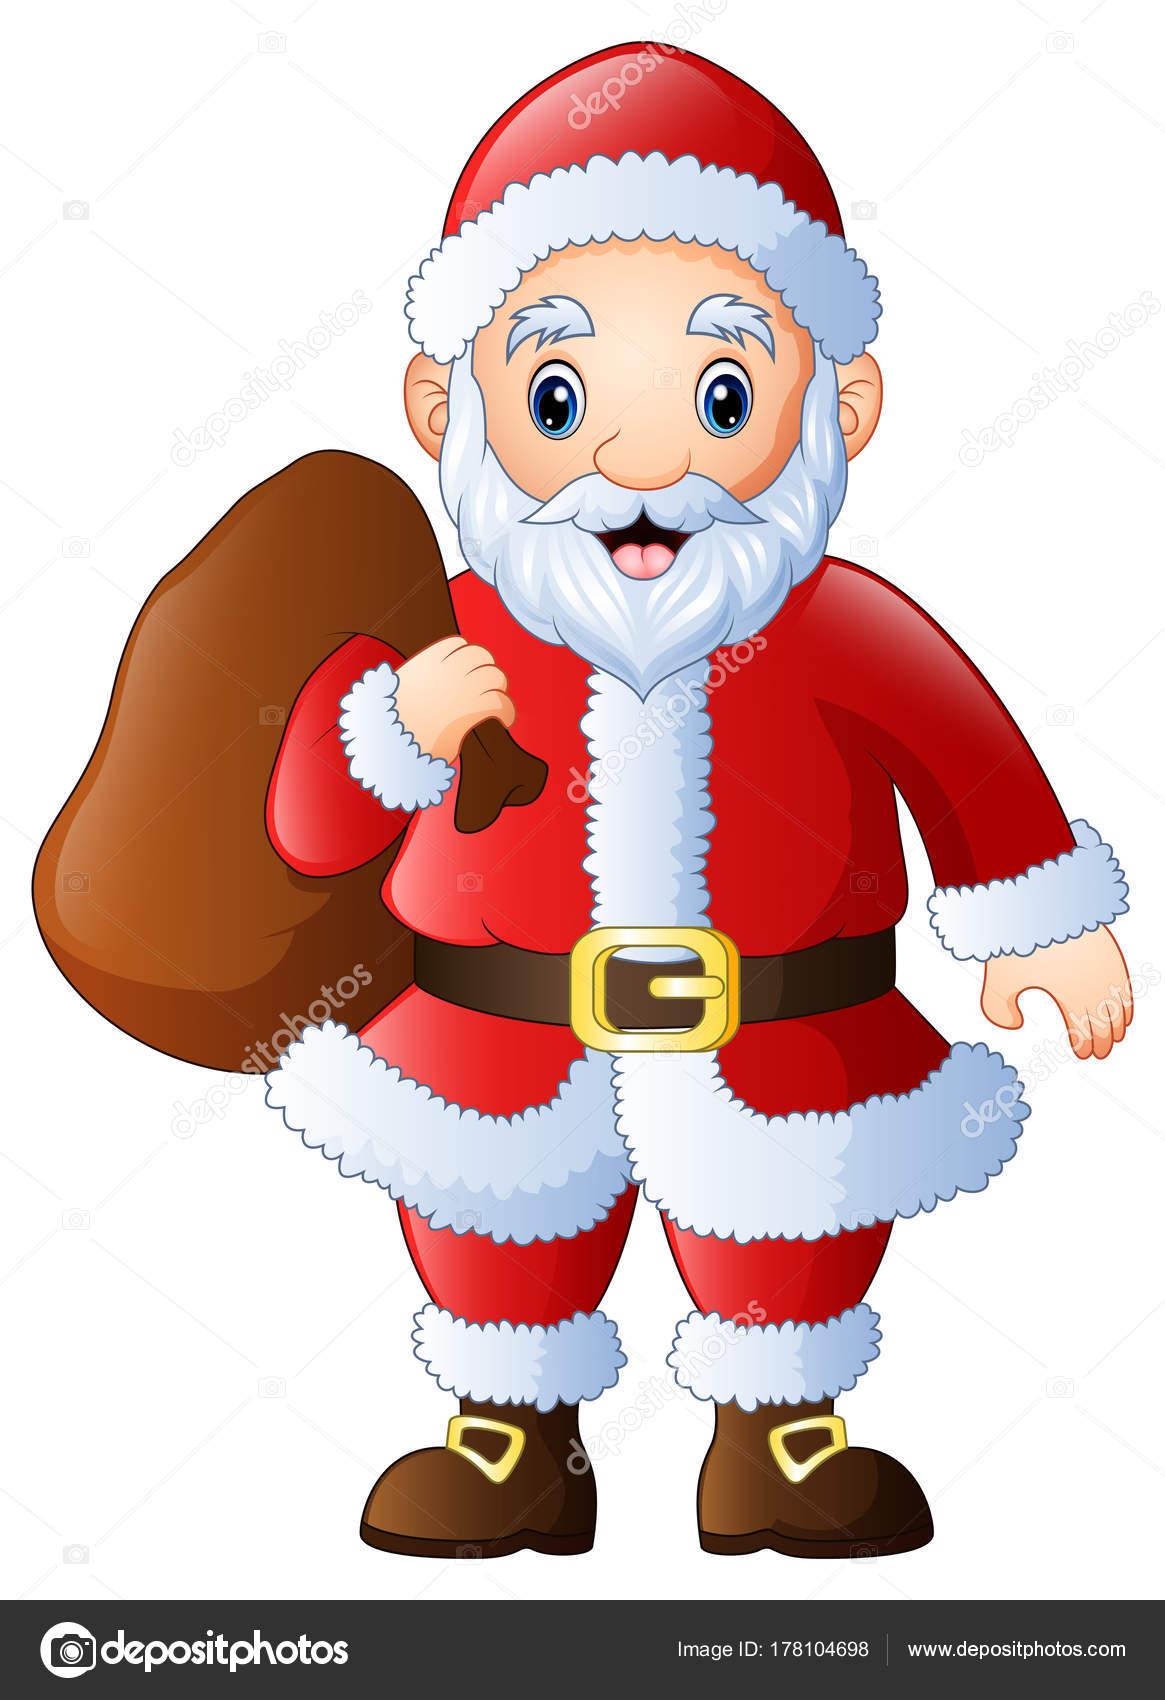 Imagenes De Papa Noel Animado.Saco De Papa Noel En Ingles Ilustracion Vectorial Dibujos